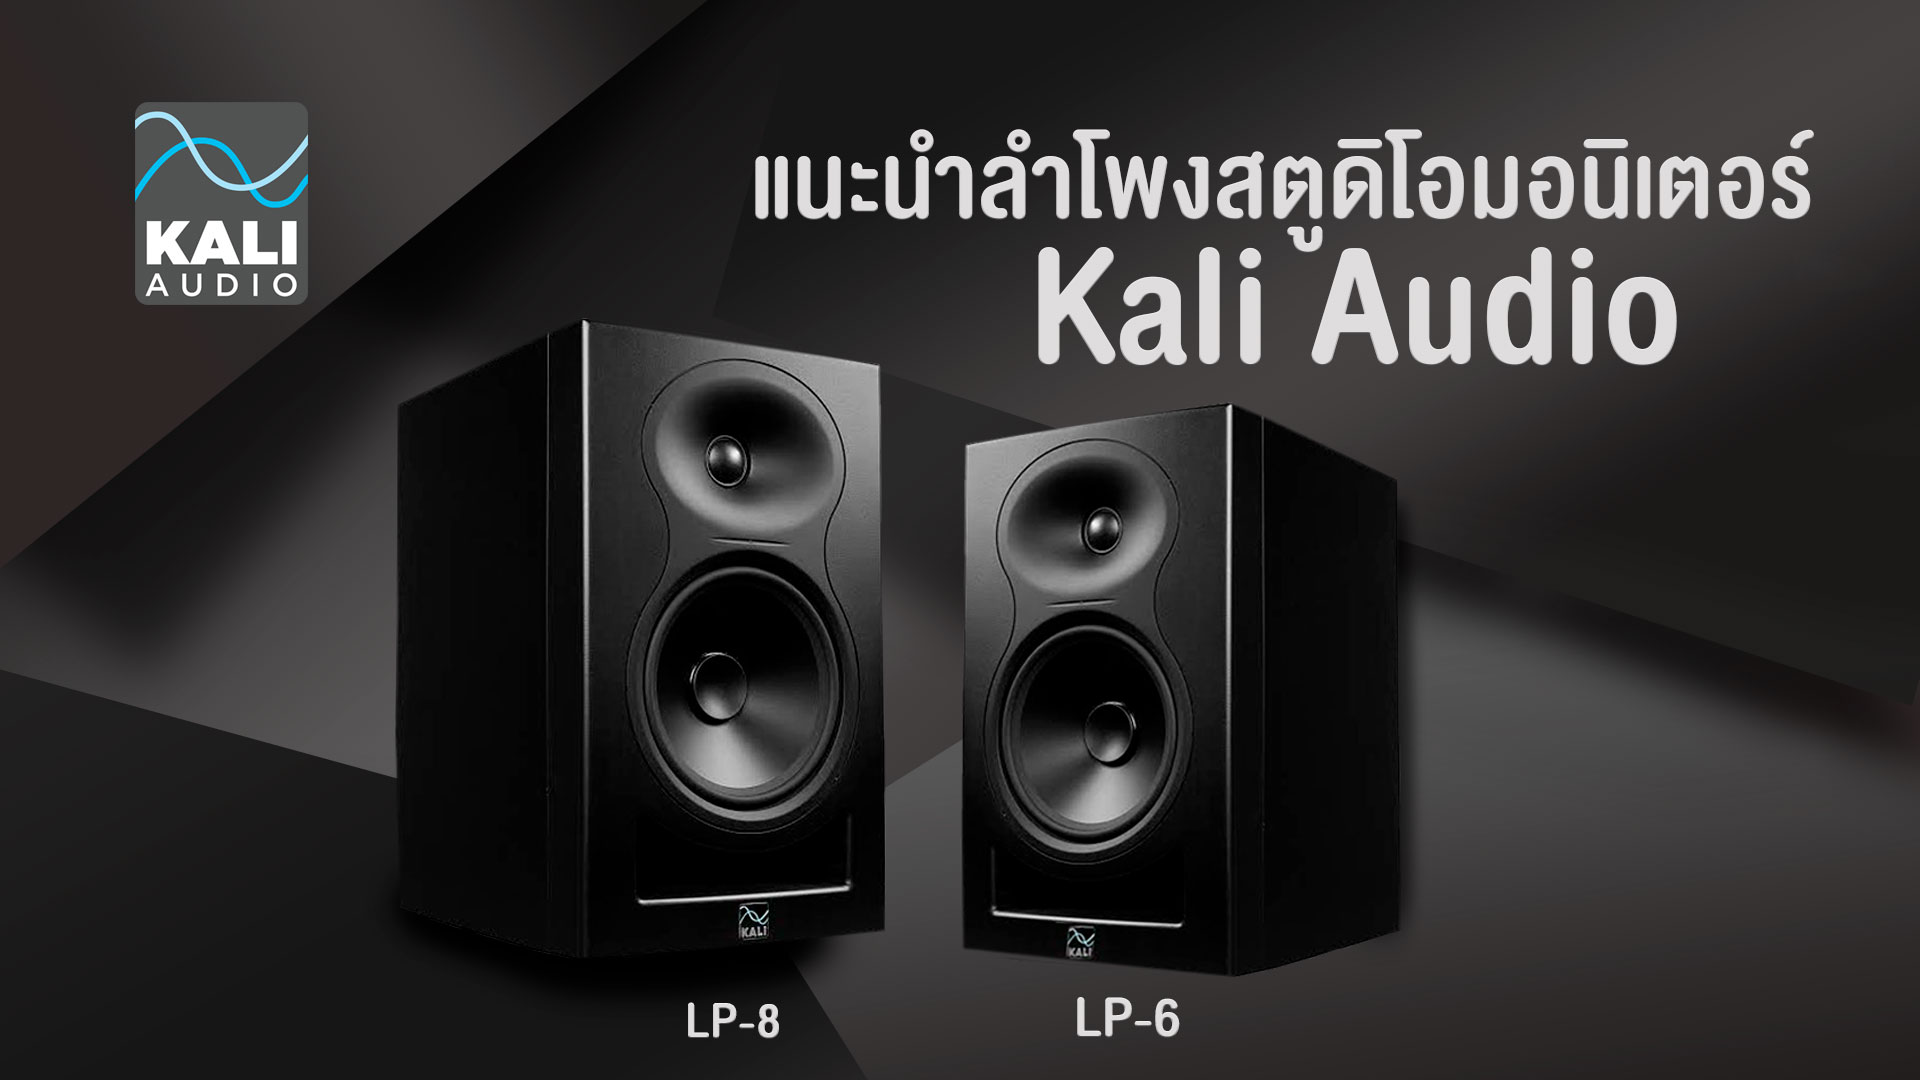 ลำโพงห้องอัดคุณภาพดี ลำโพงสตูดิโอมอนิเตอร์ Kali Audio